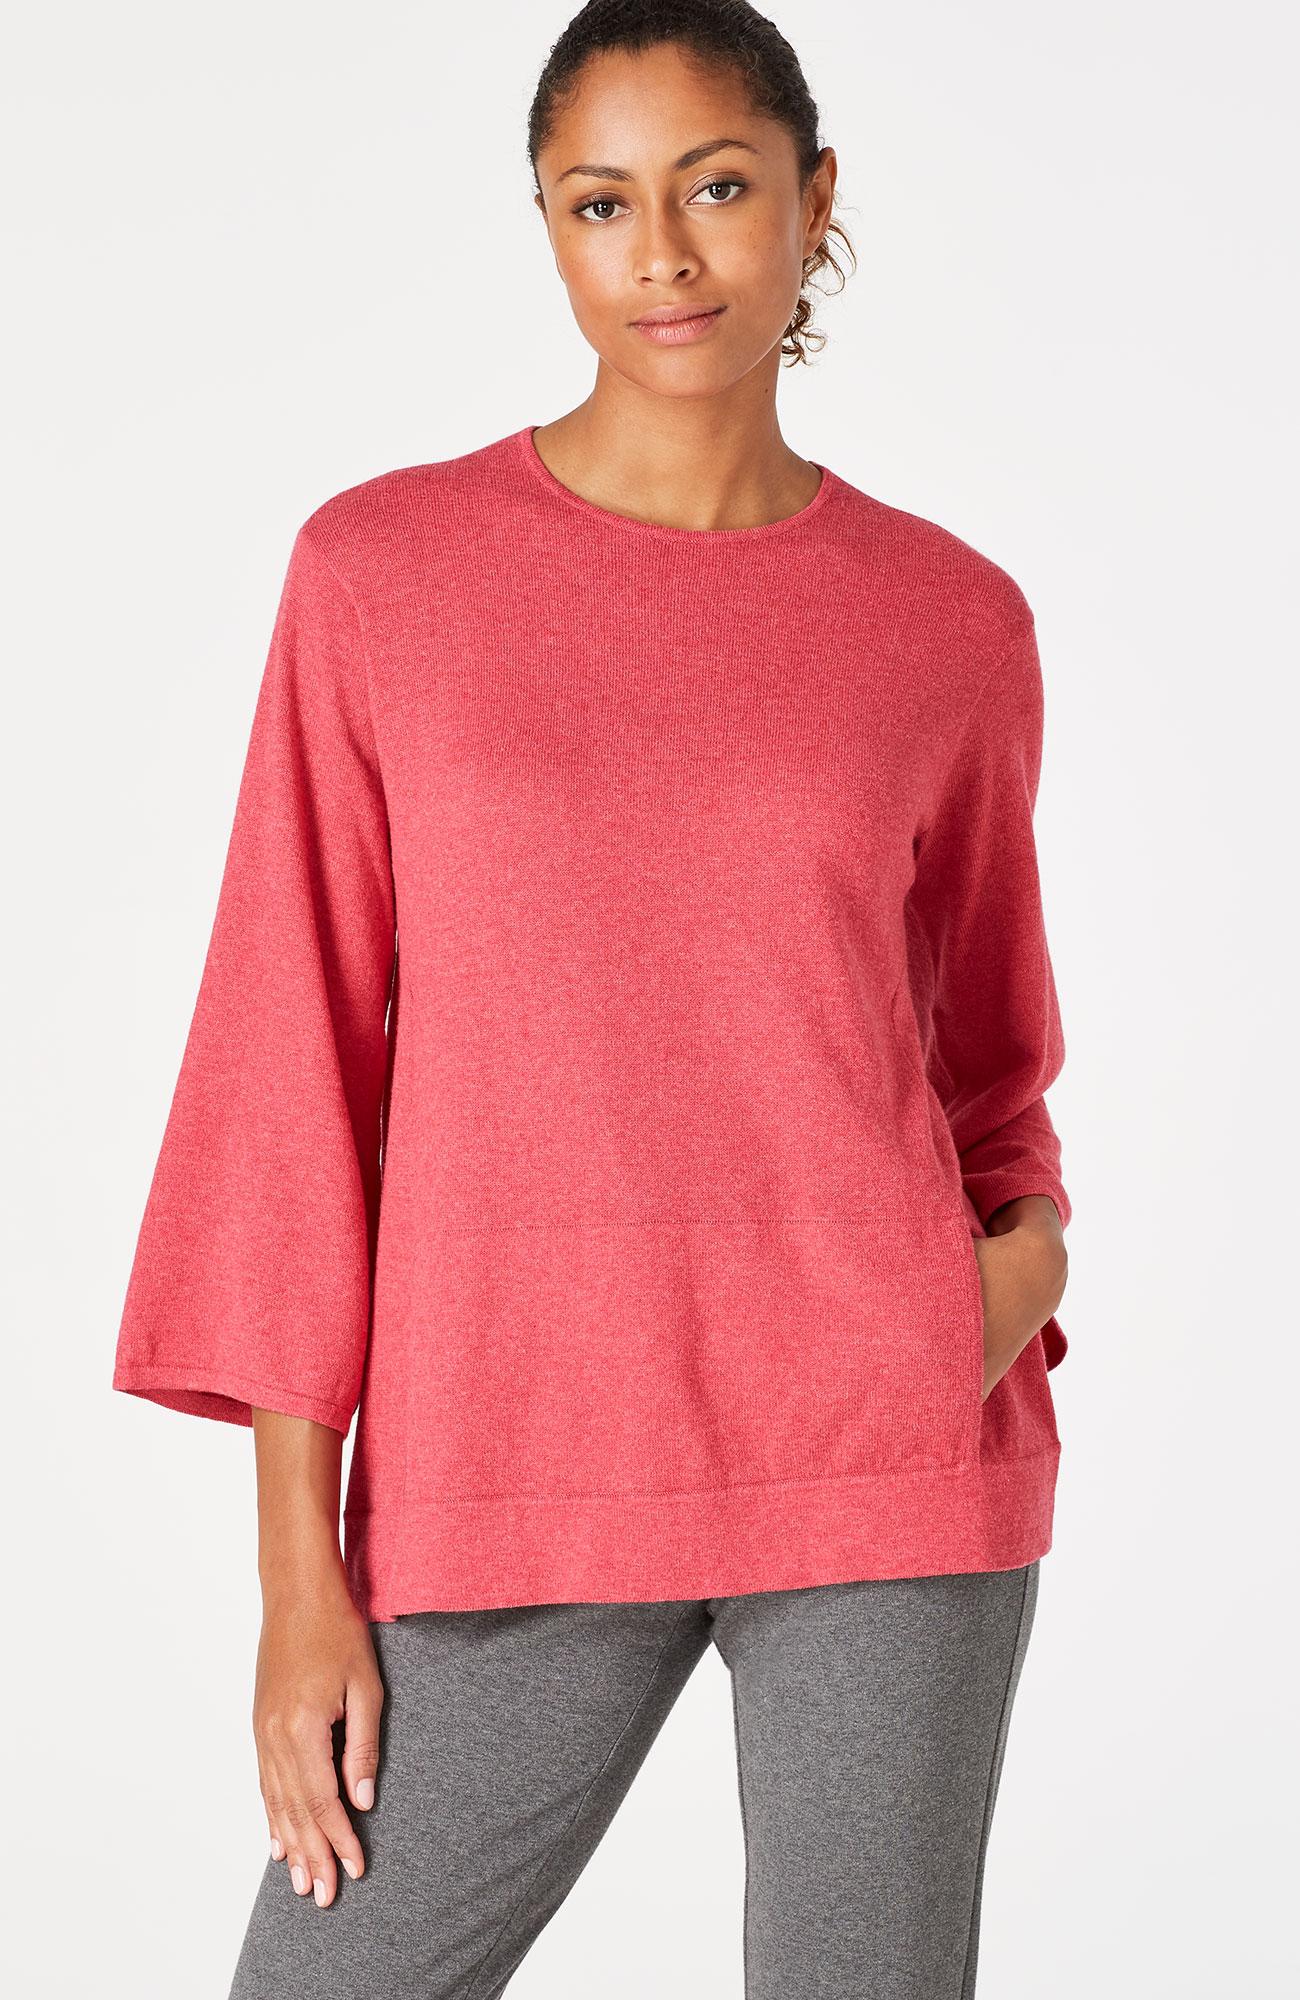 Pure Jill refined comfort pullover